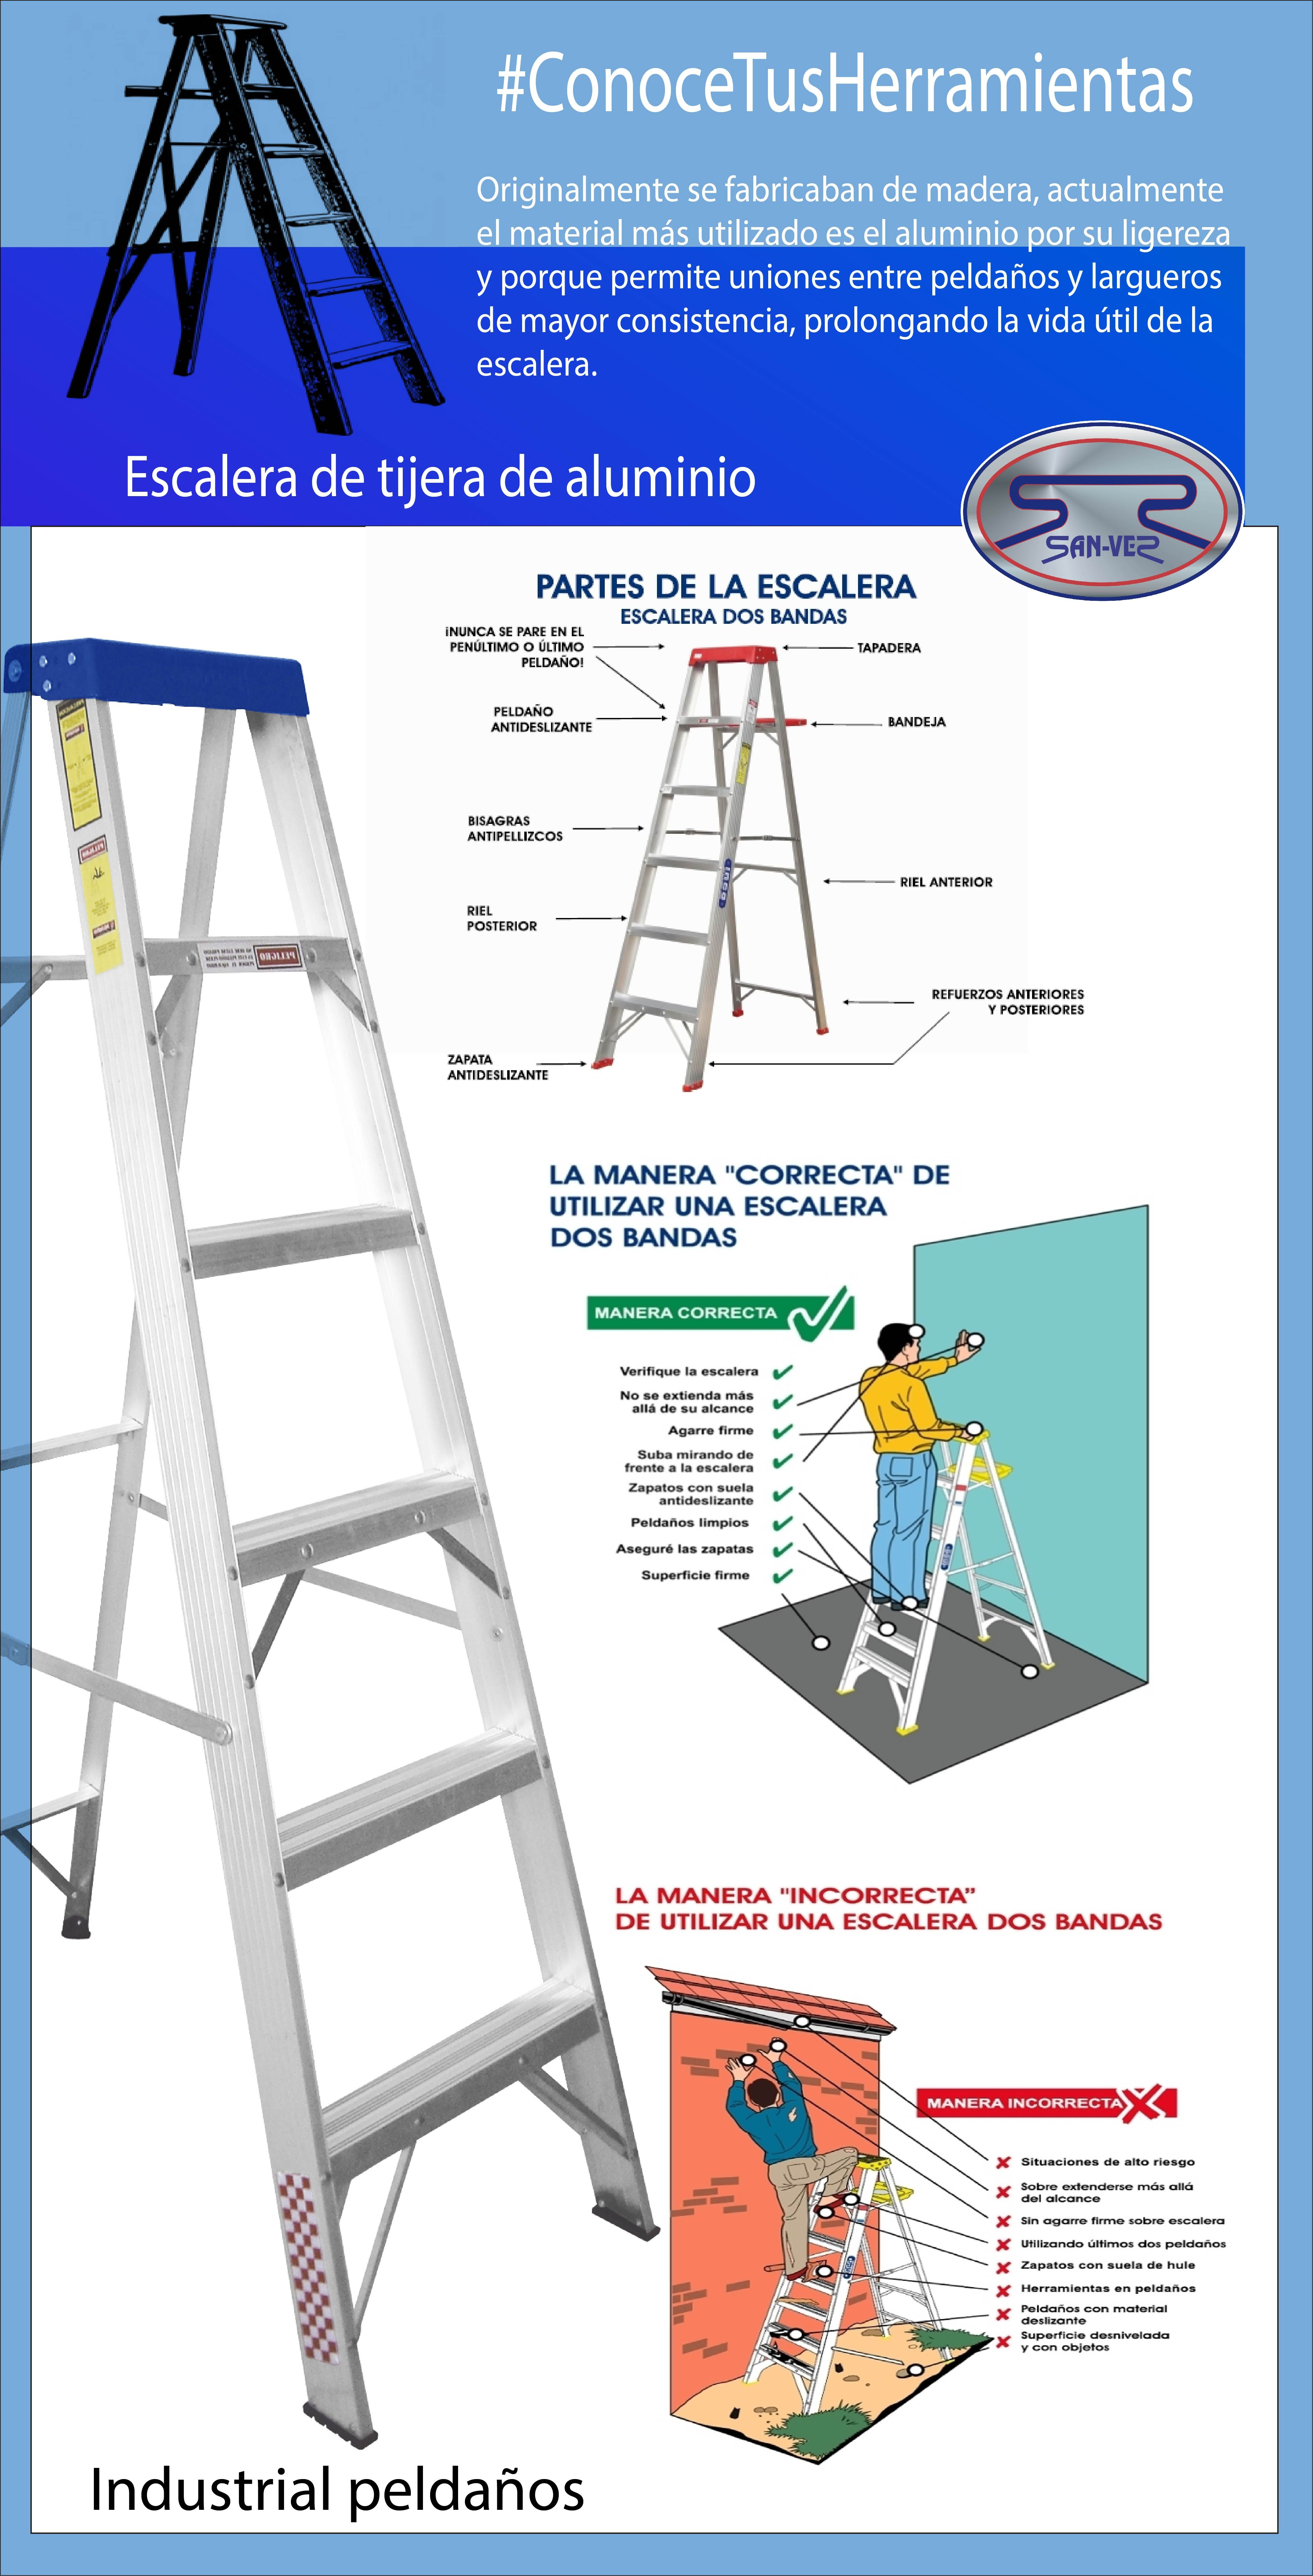 Conoce las partes de una escalera de tijera de aluminio y for Partes de una escalera